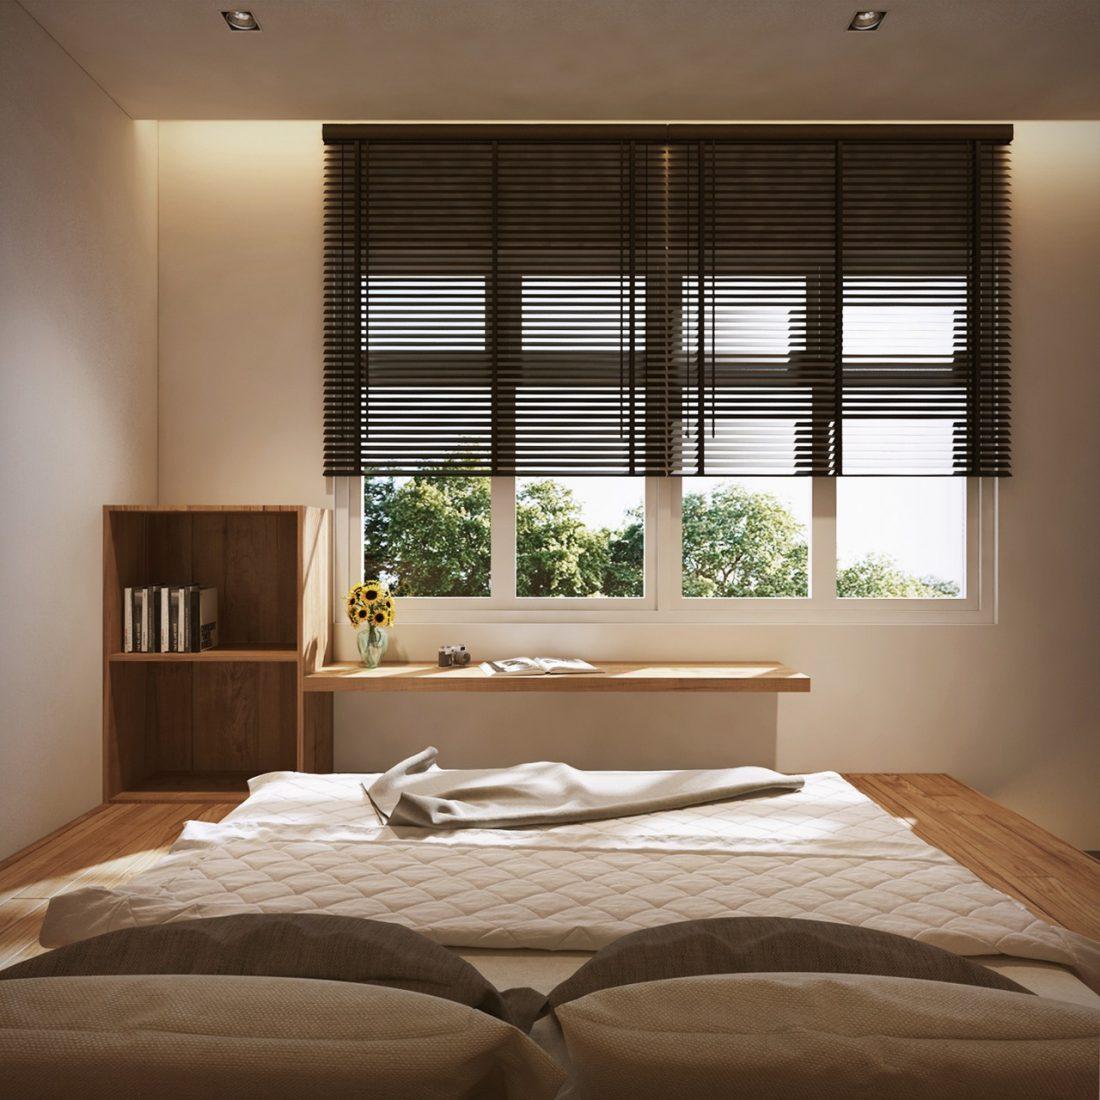 Interior Design SA65 Simpang Ampat Penang Malaysia Bedroom Design 1 v2